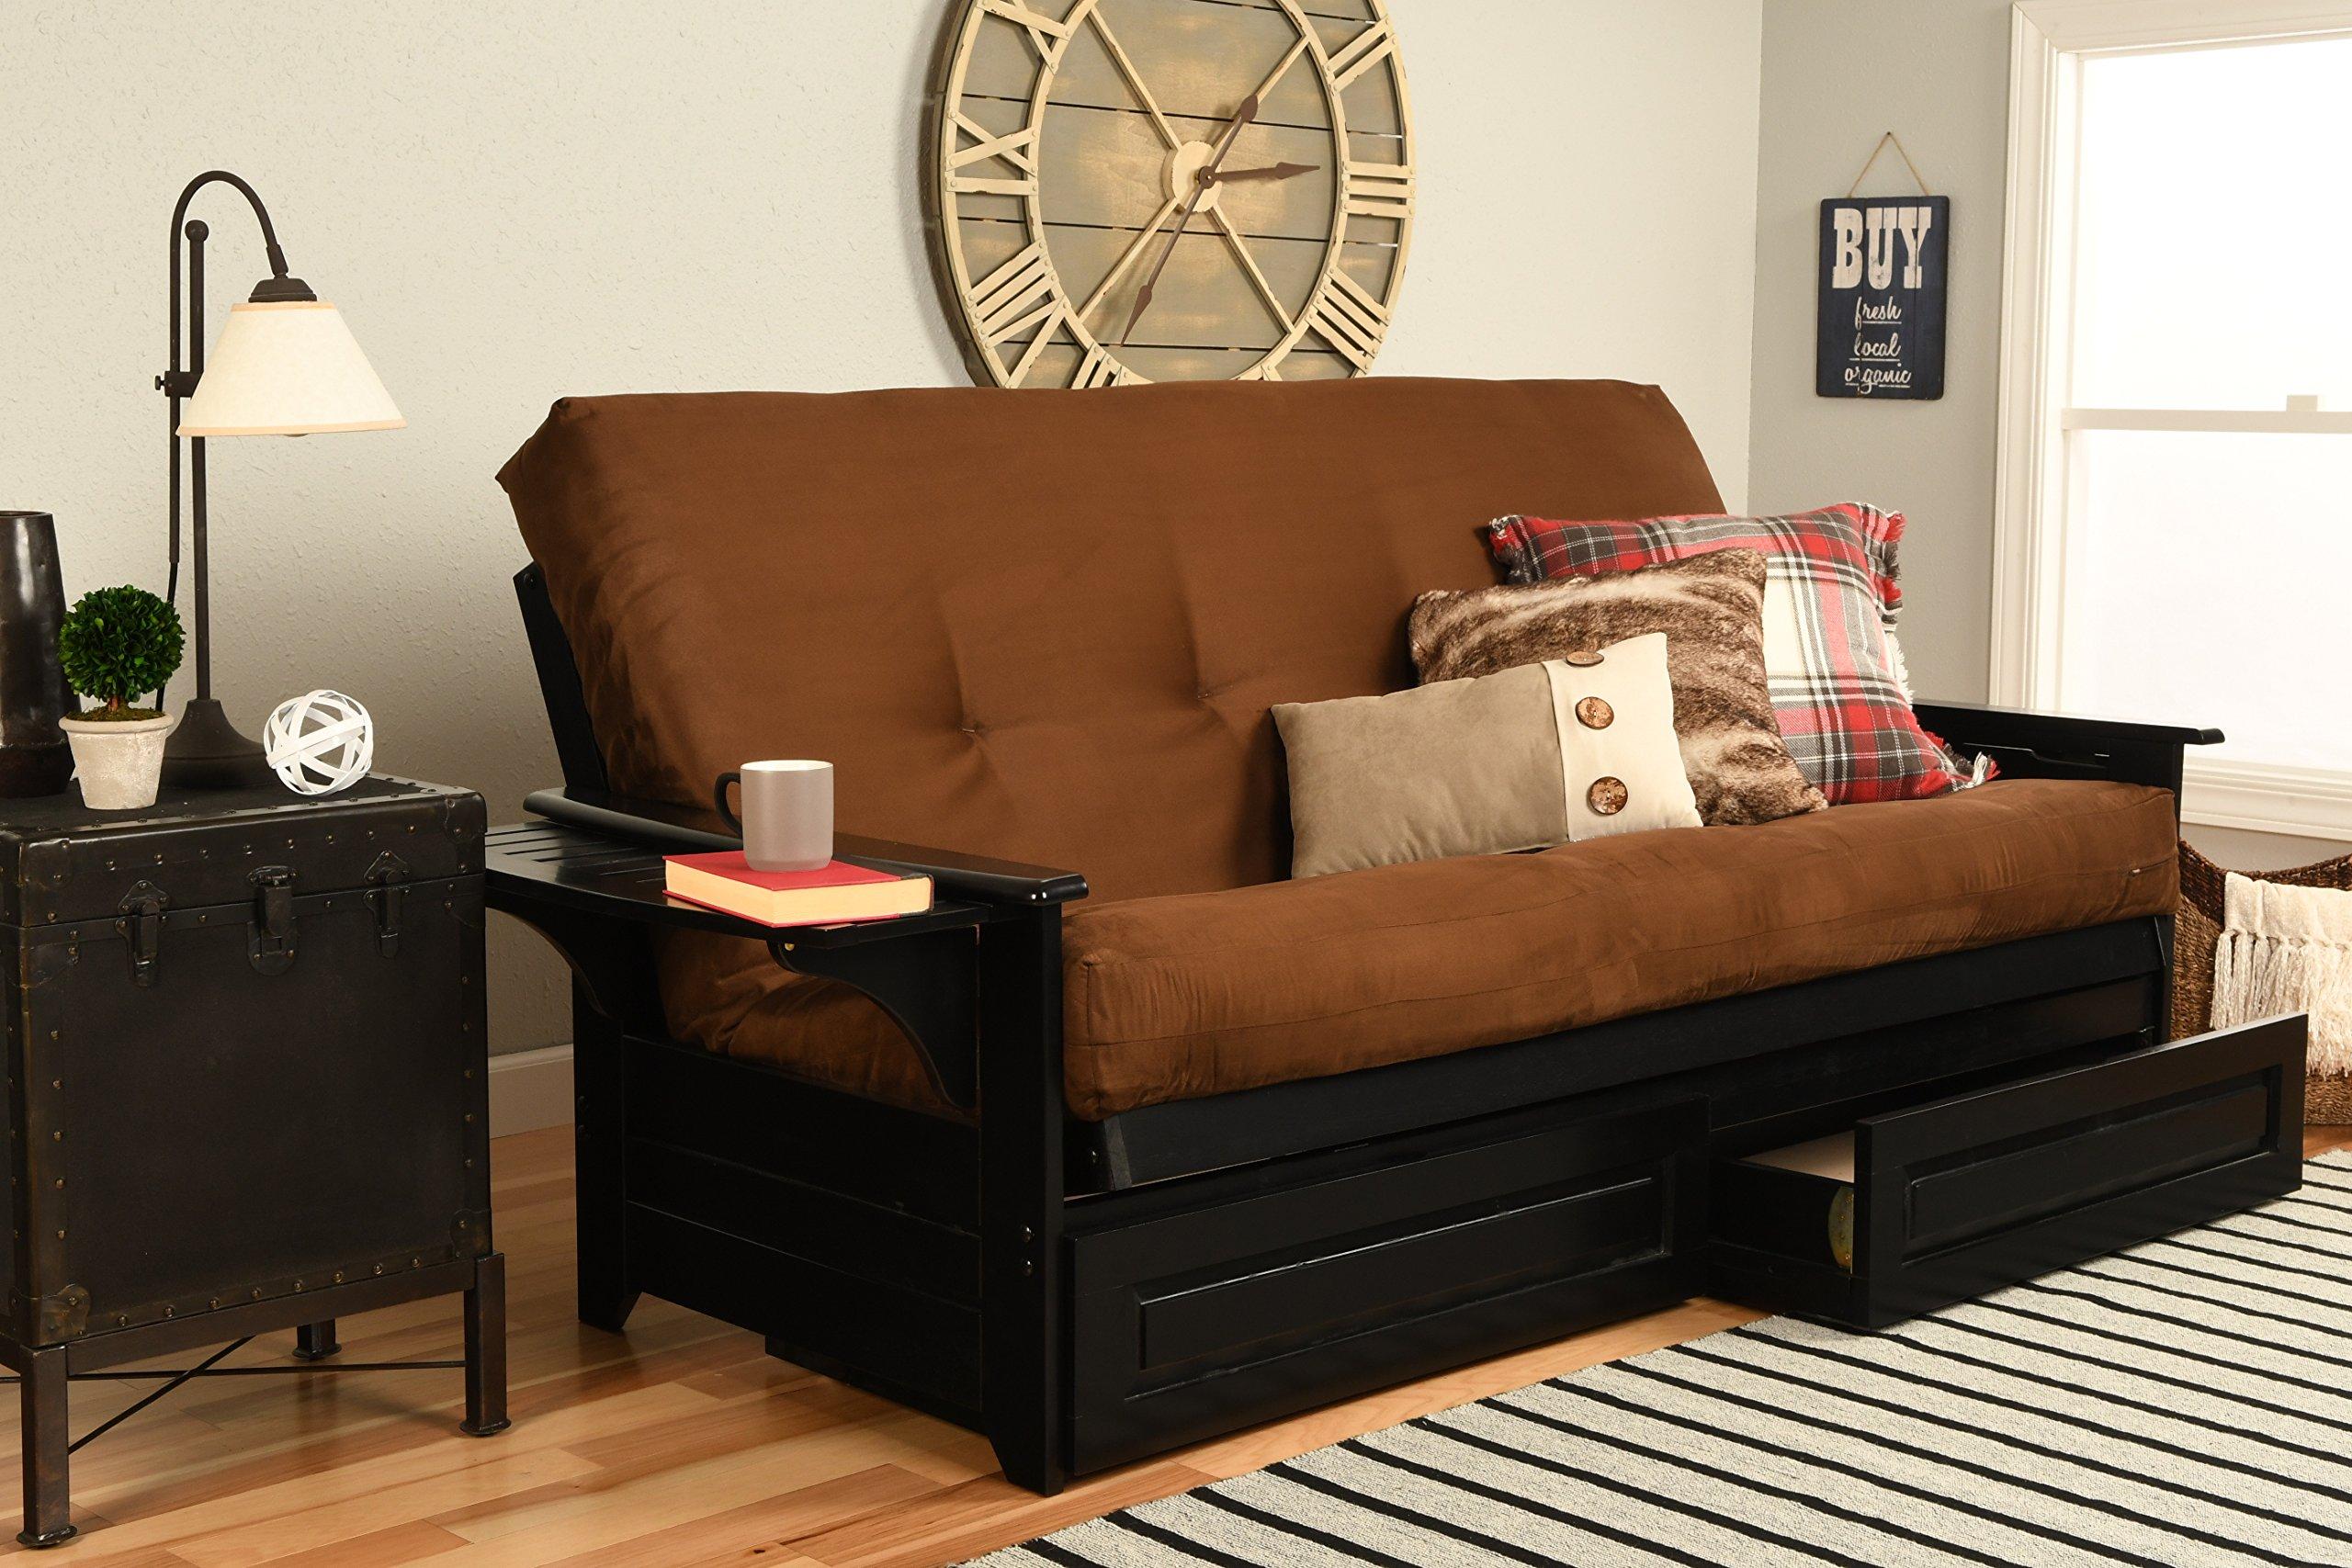 Kodiak Furniture Phoenix Sofa bed, Full, Suede Chocolate by Kodiak Furniture